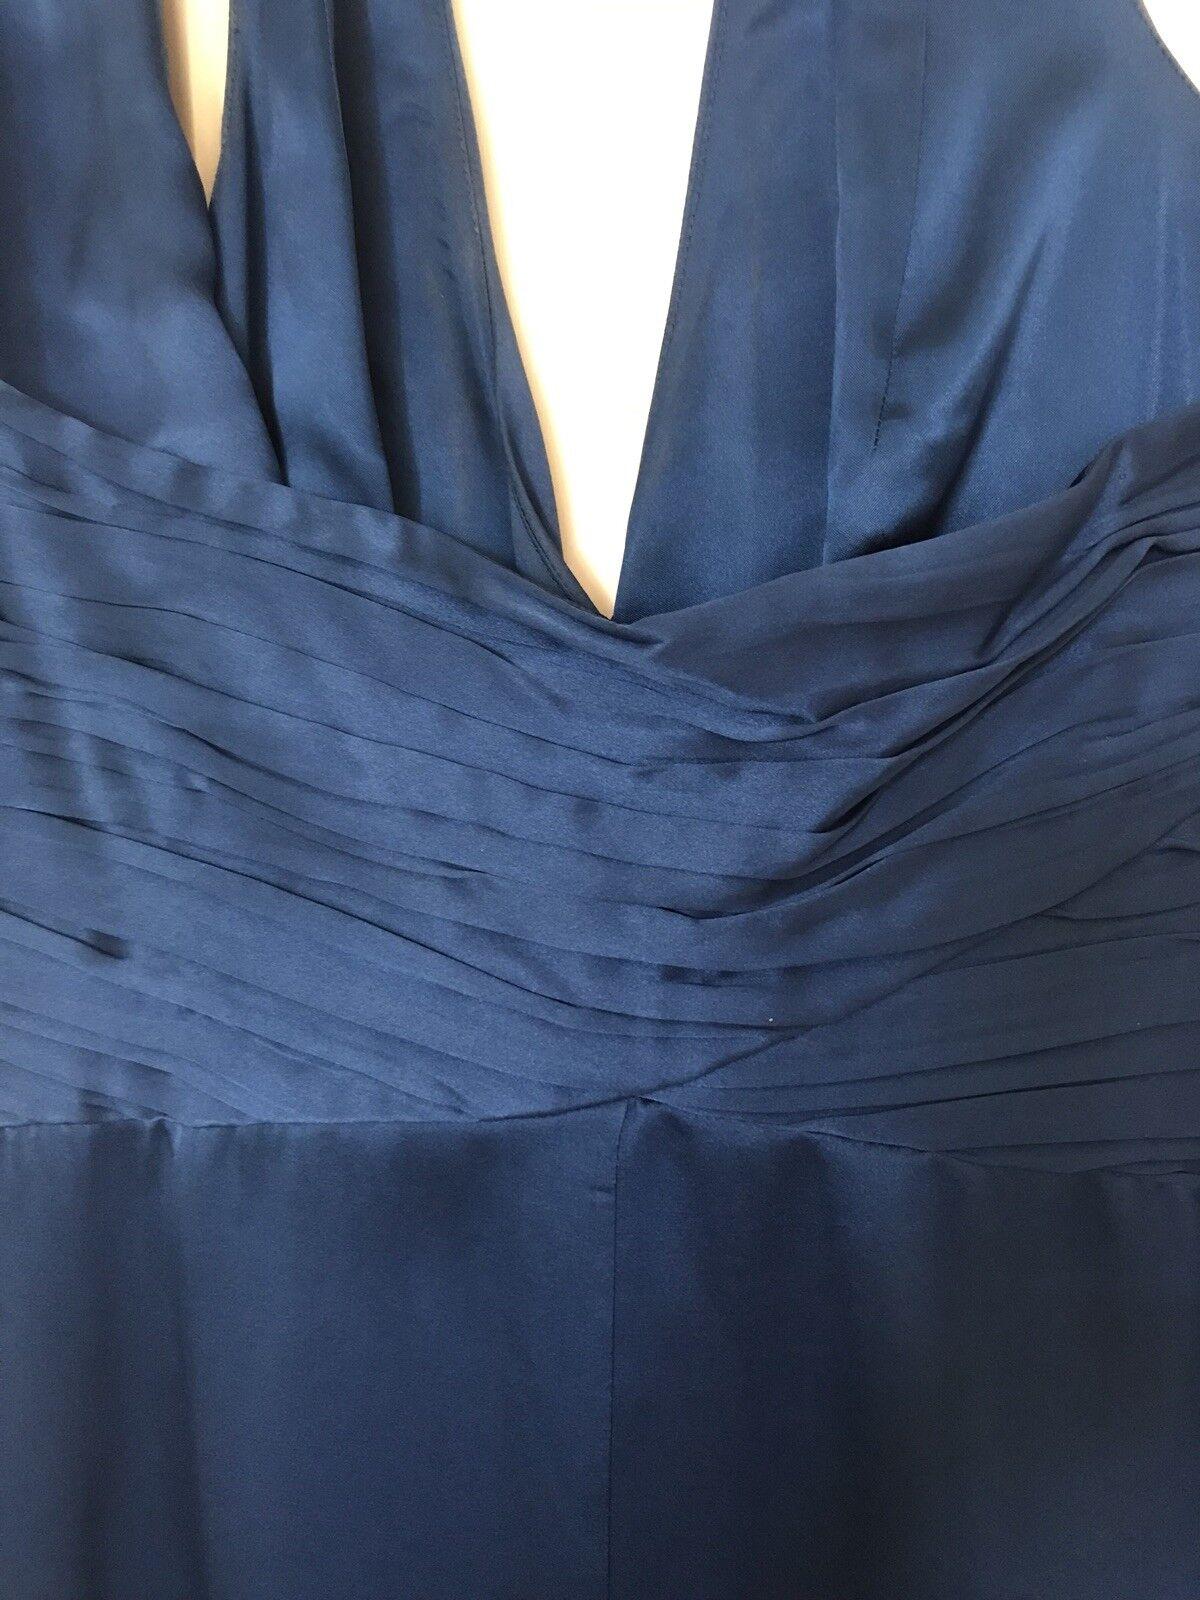 Sorprendente azzurro blu seta COAST dietro il collo Maxi Abito Abito Abito da sera, Taglia 12 318b3b